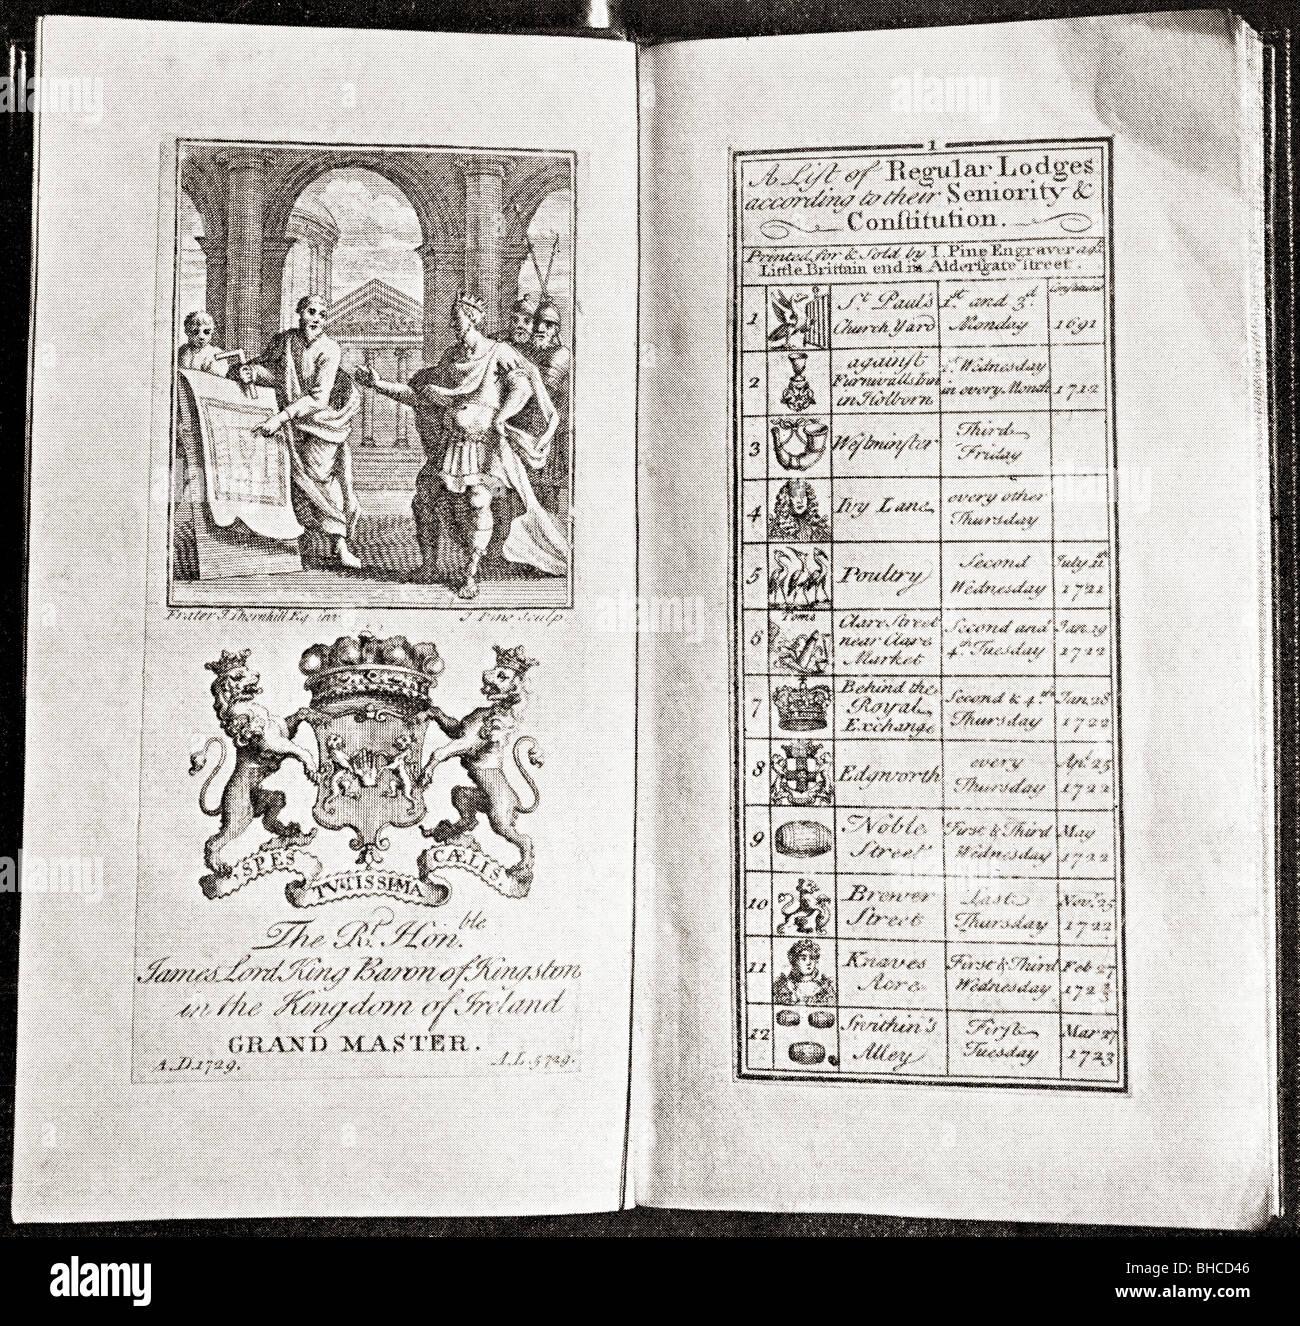 Calendario Antico.Facsimilie Di Un Antico Calendario Di Craft Logge Massoniche